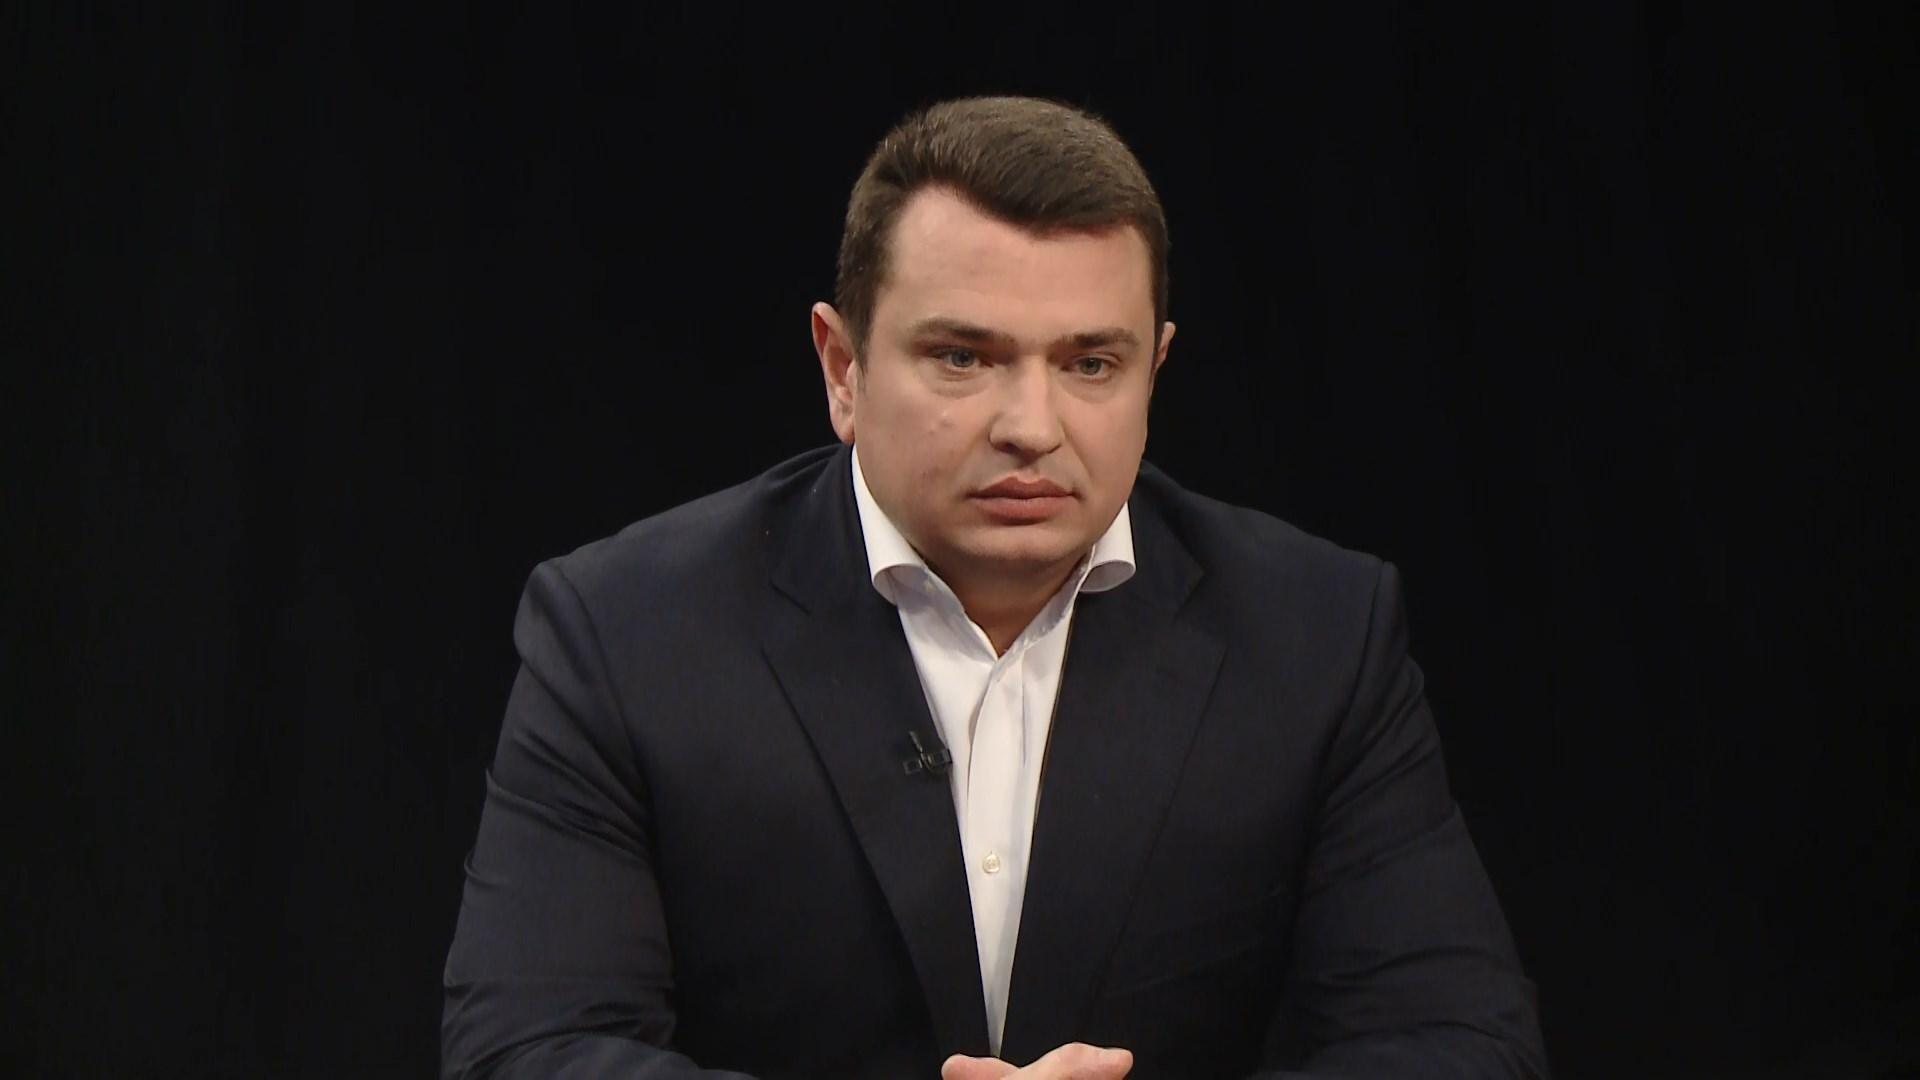 О миллиардах убытков Украине и громких коррупционных схемах: эксклюзивное интервью с Сытником - 24 Канал